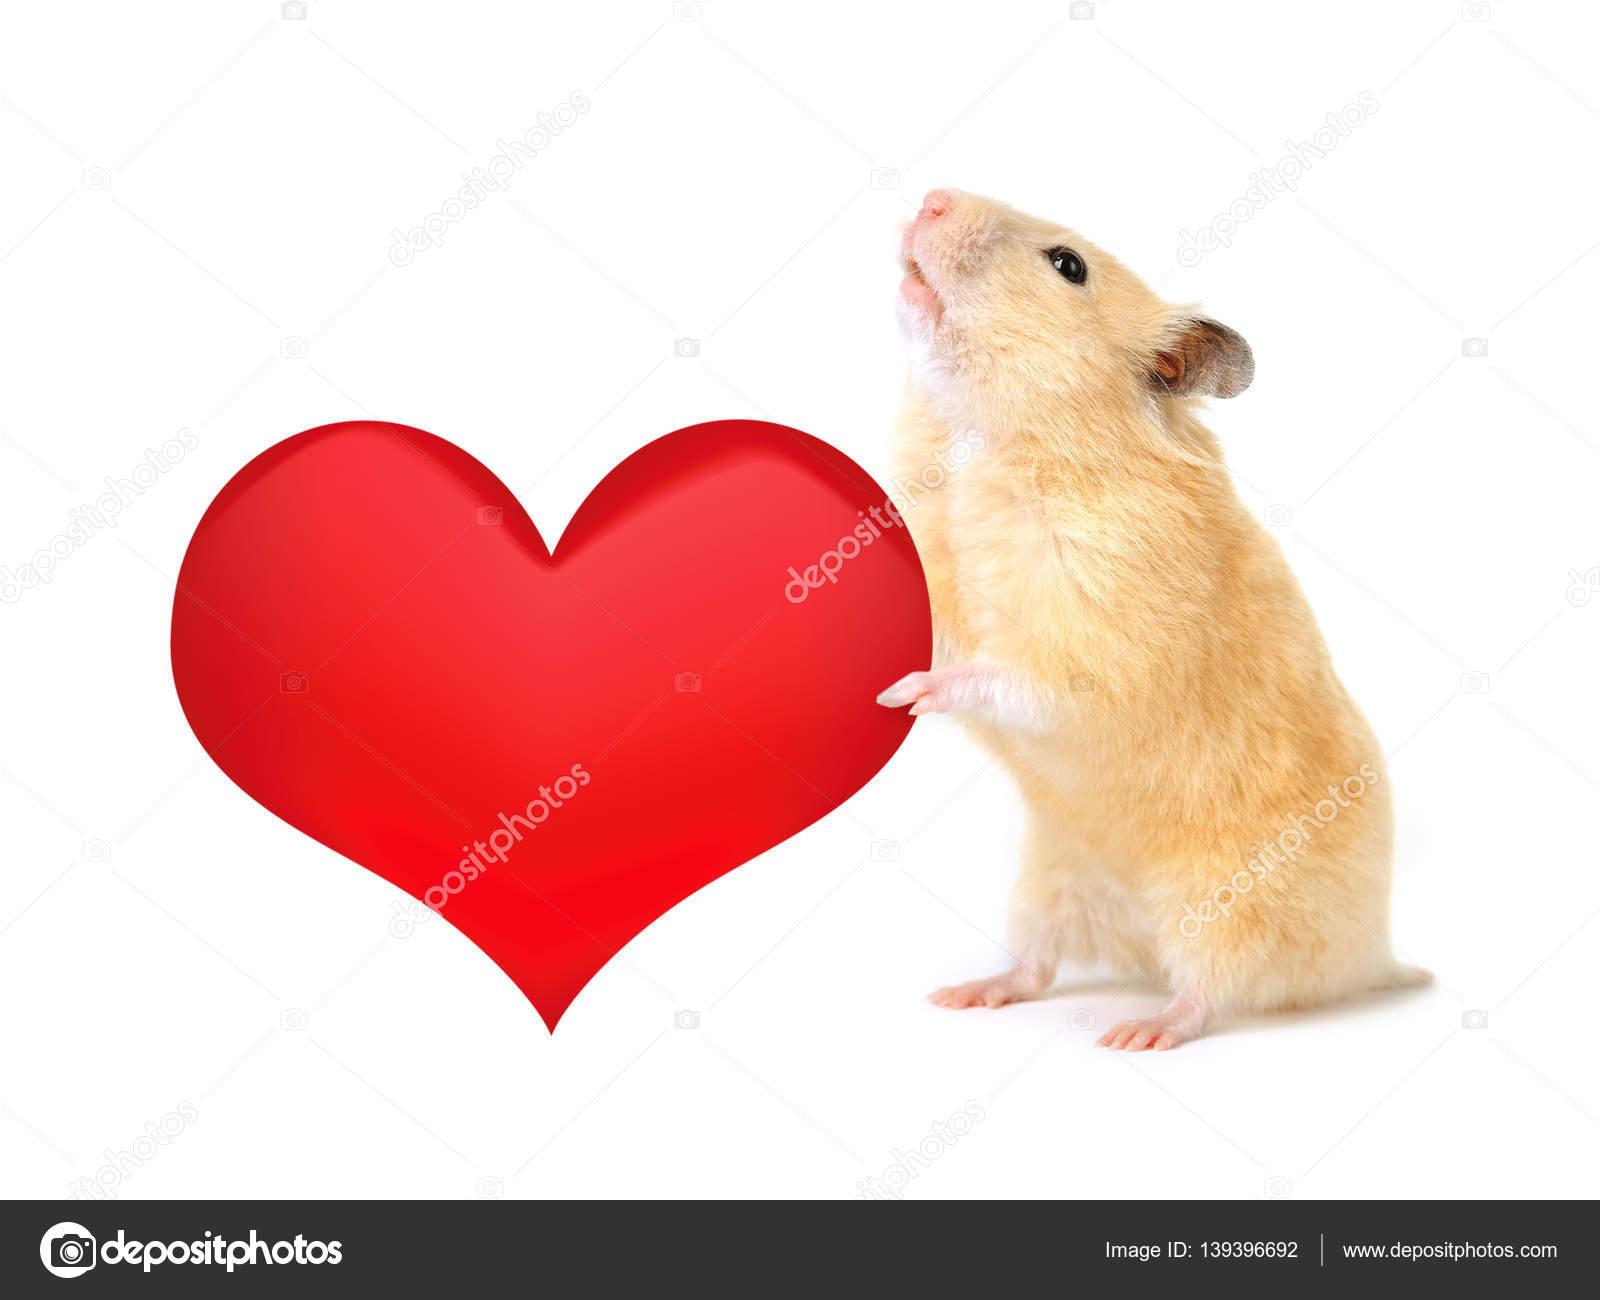 хомяк с сердцем картинка открывает перед